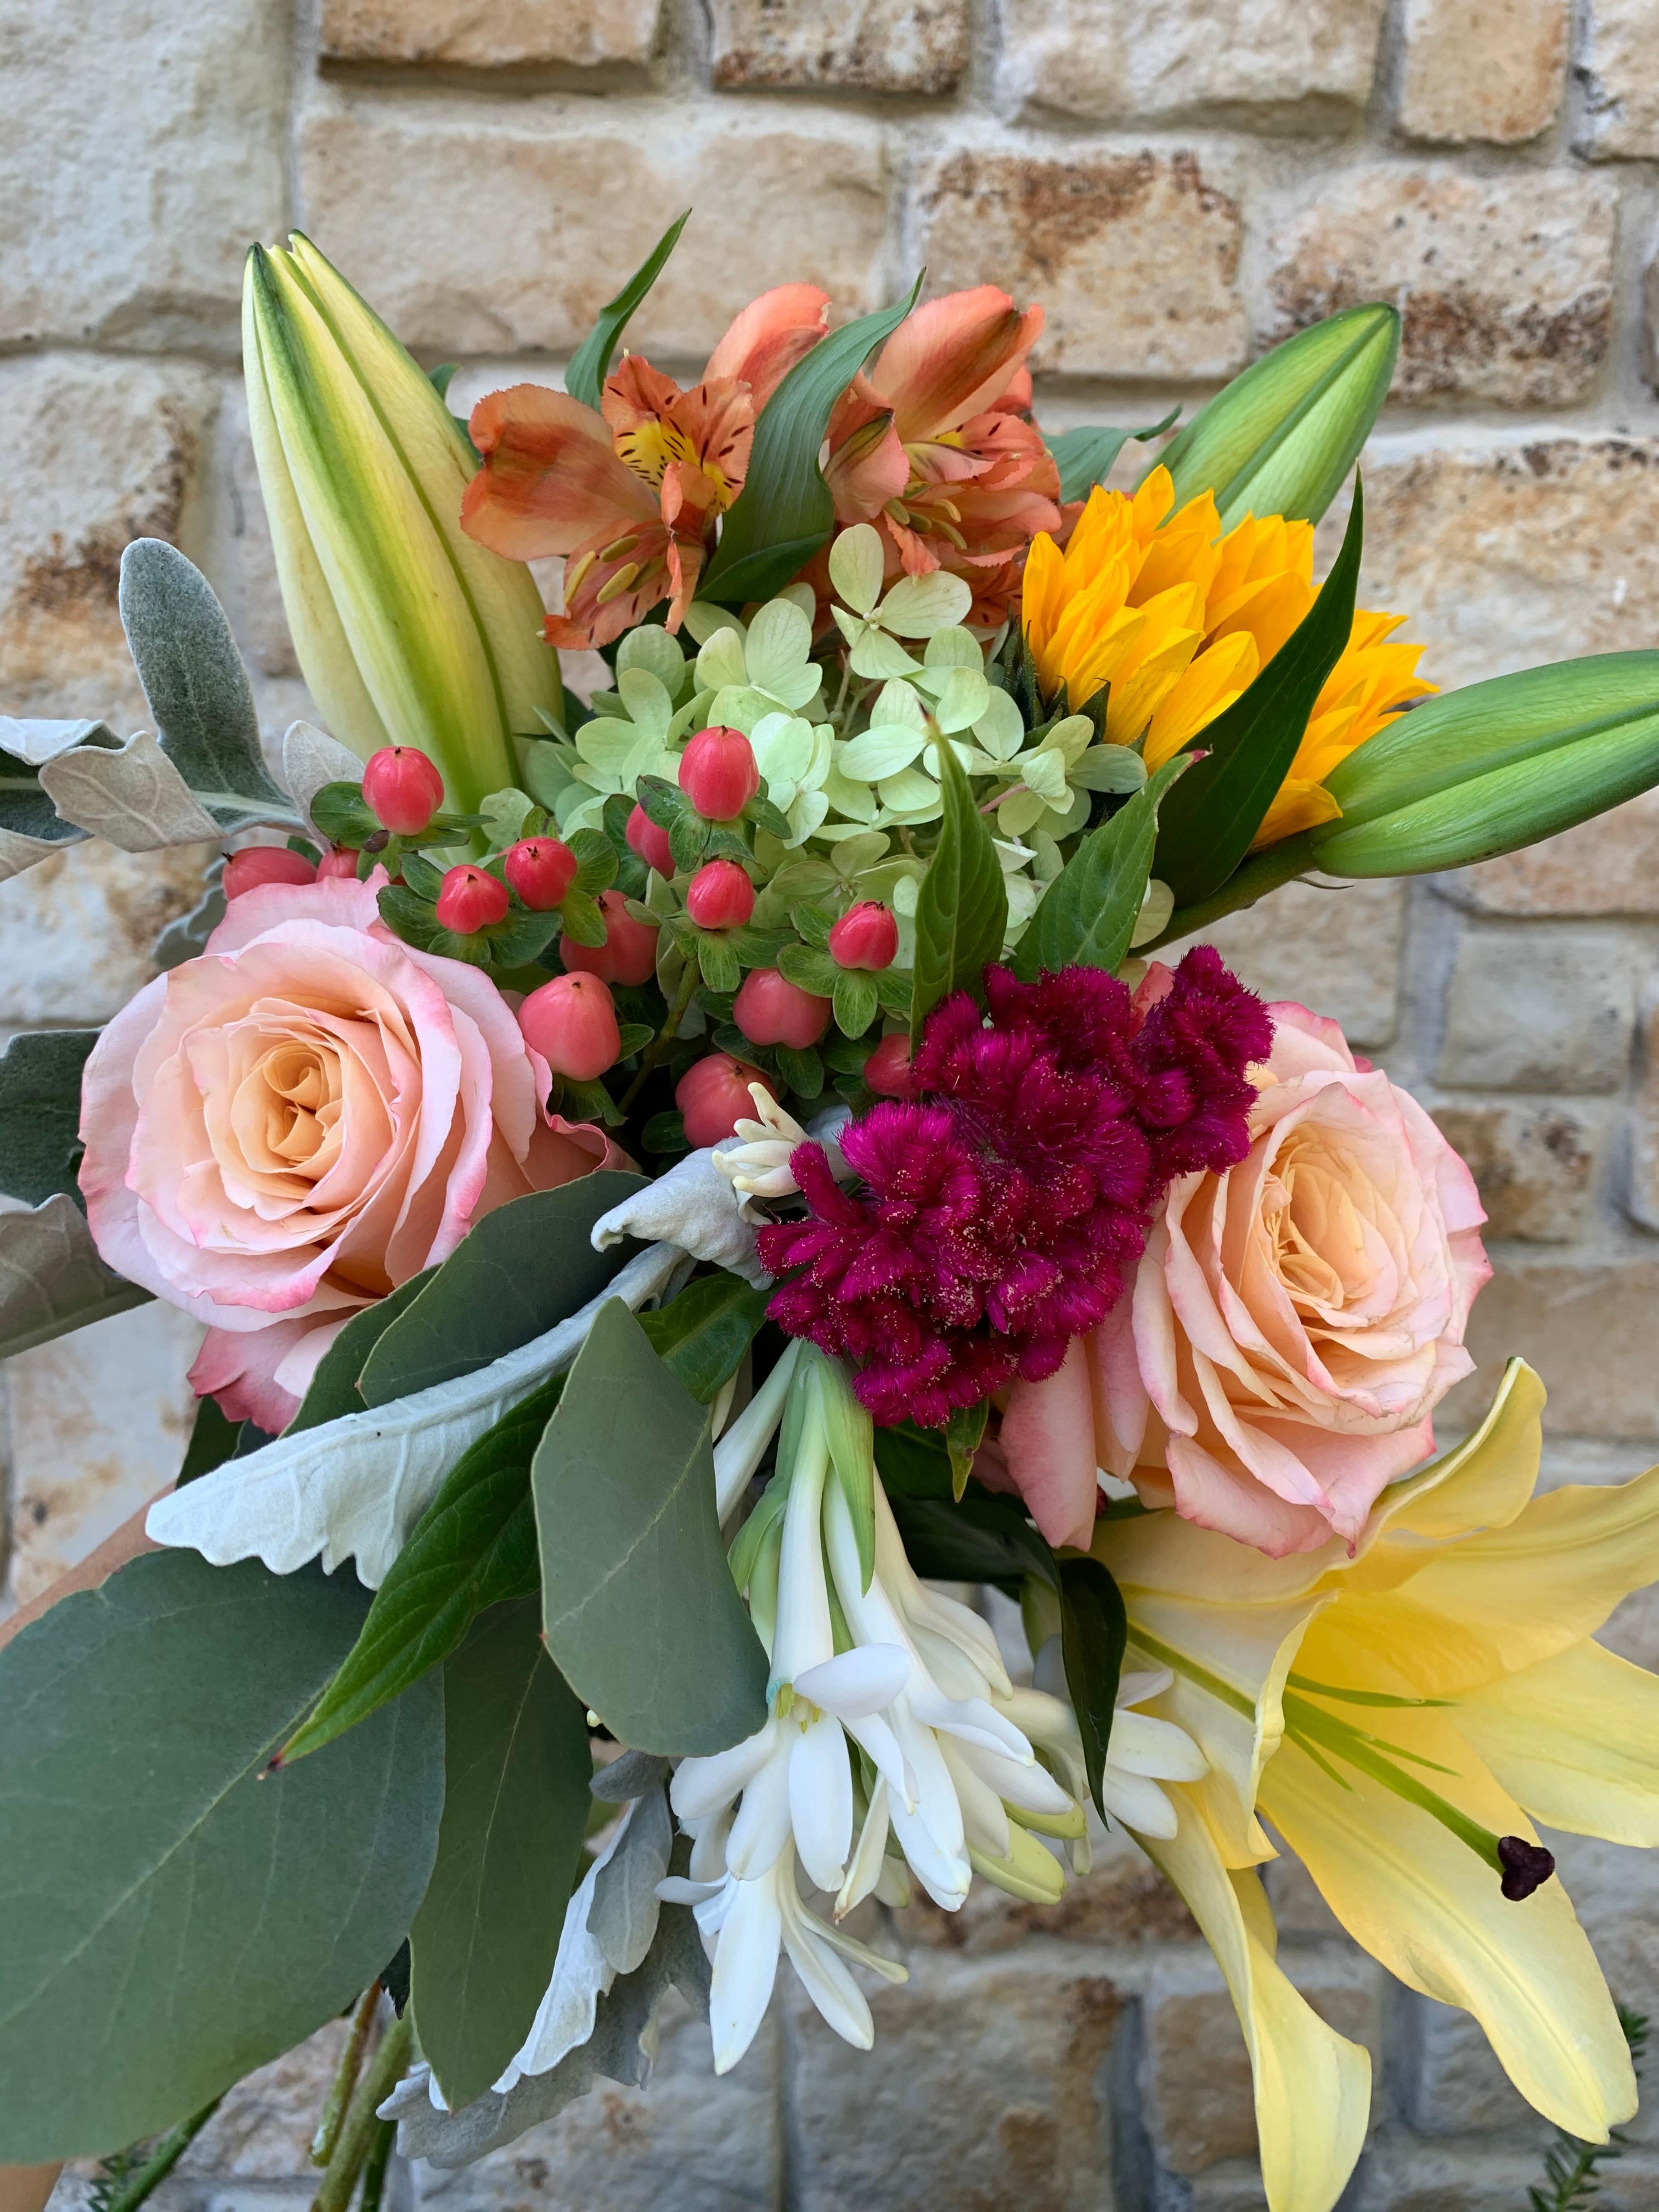 Autumn Abundance Flower Arranging Class